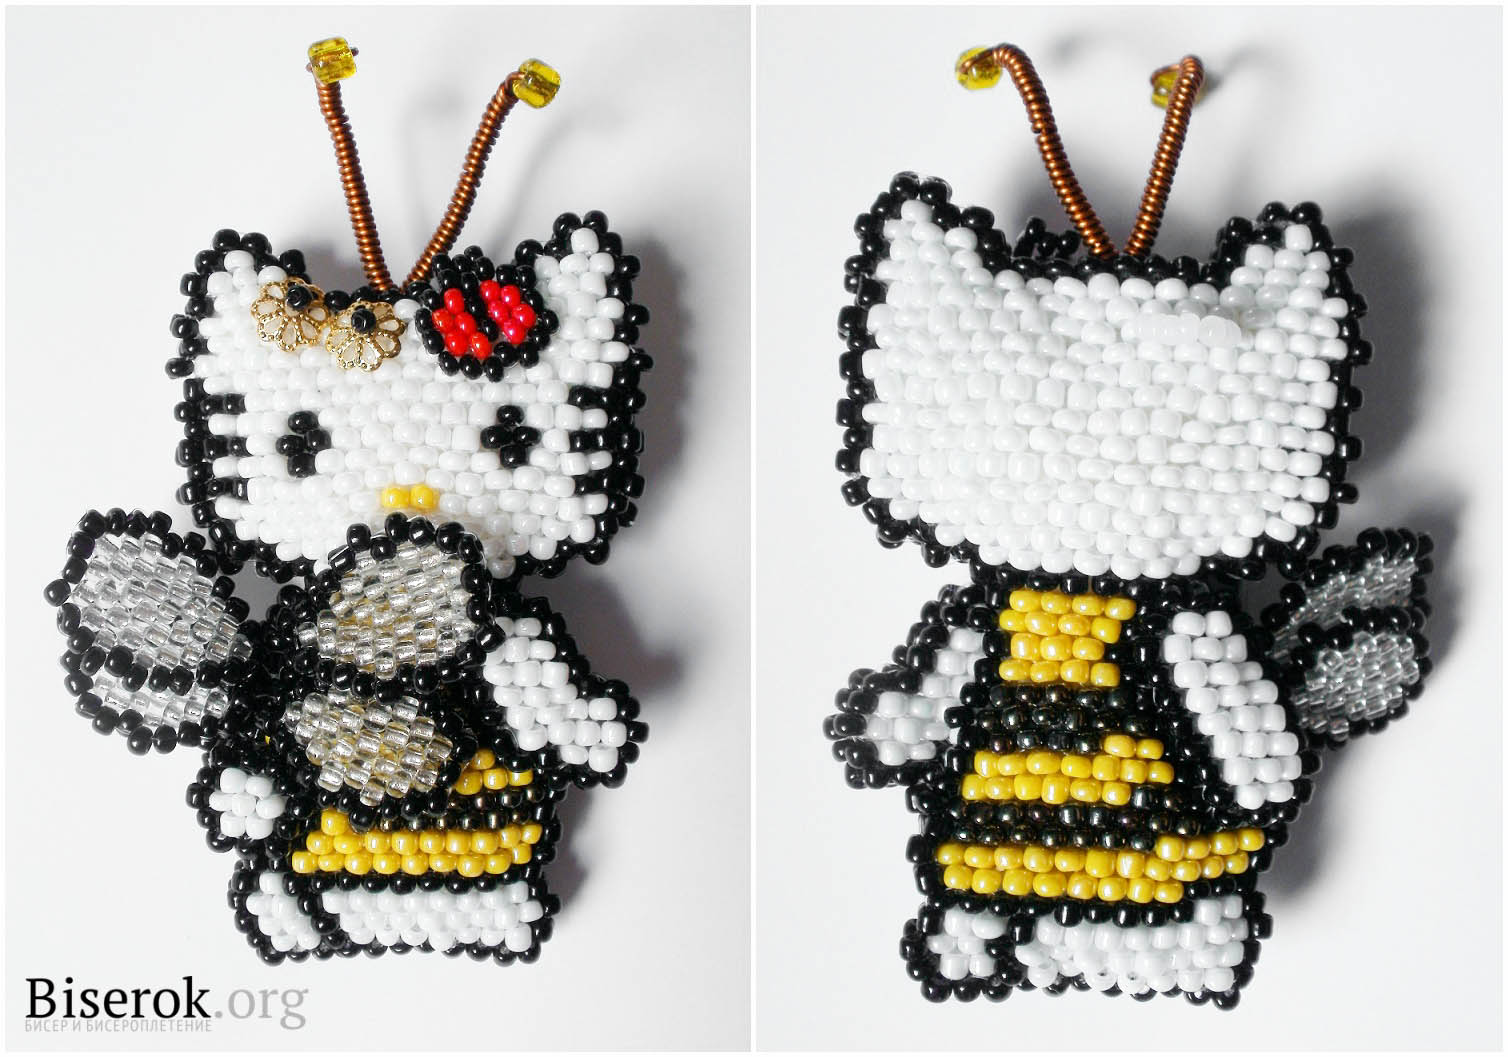 китти пчелка из бисера.